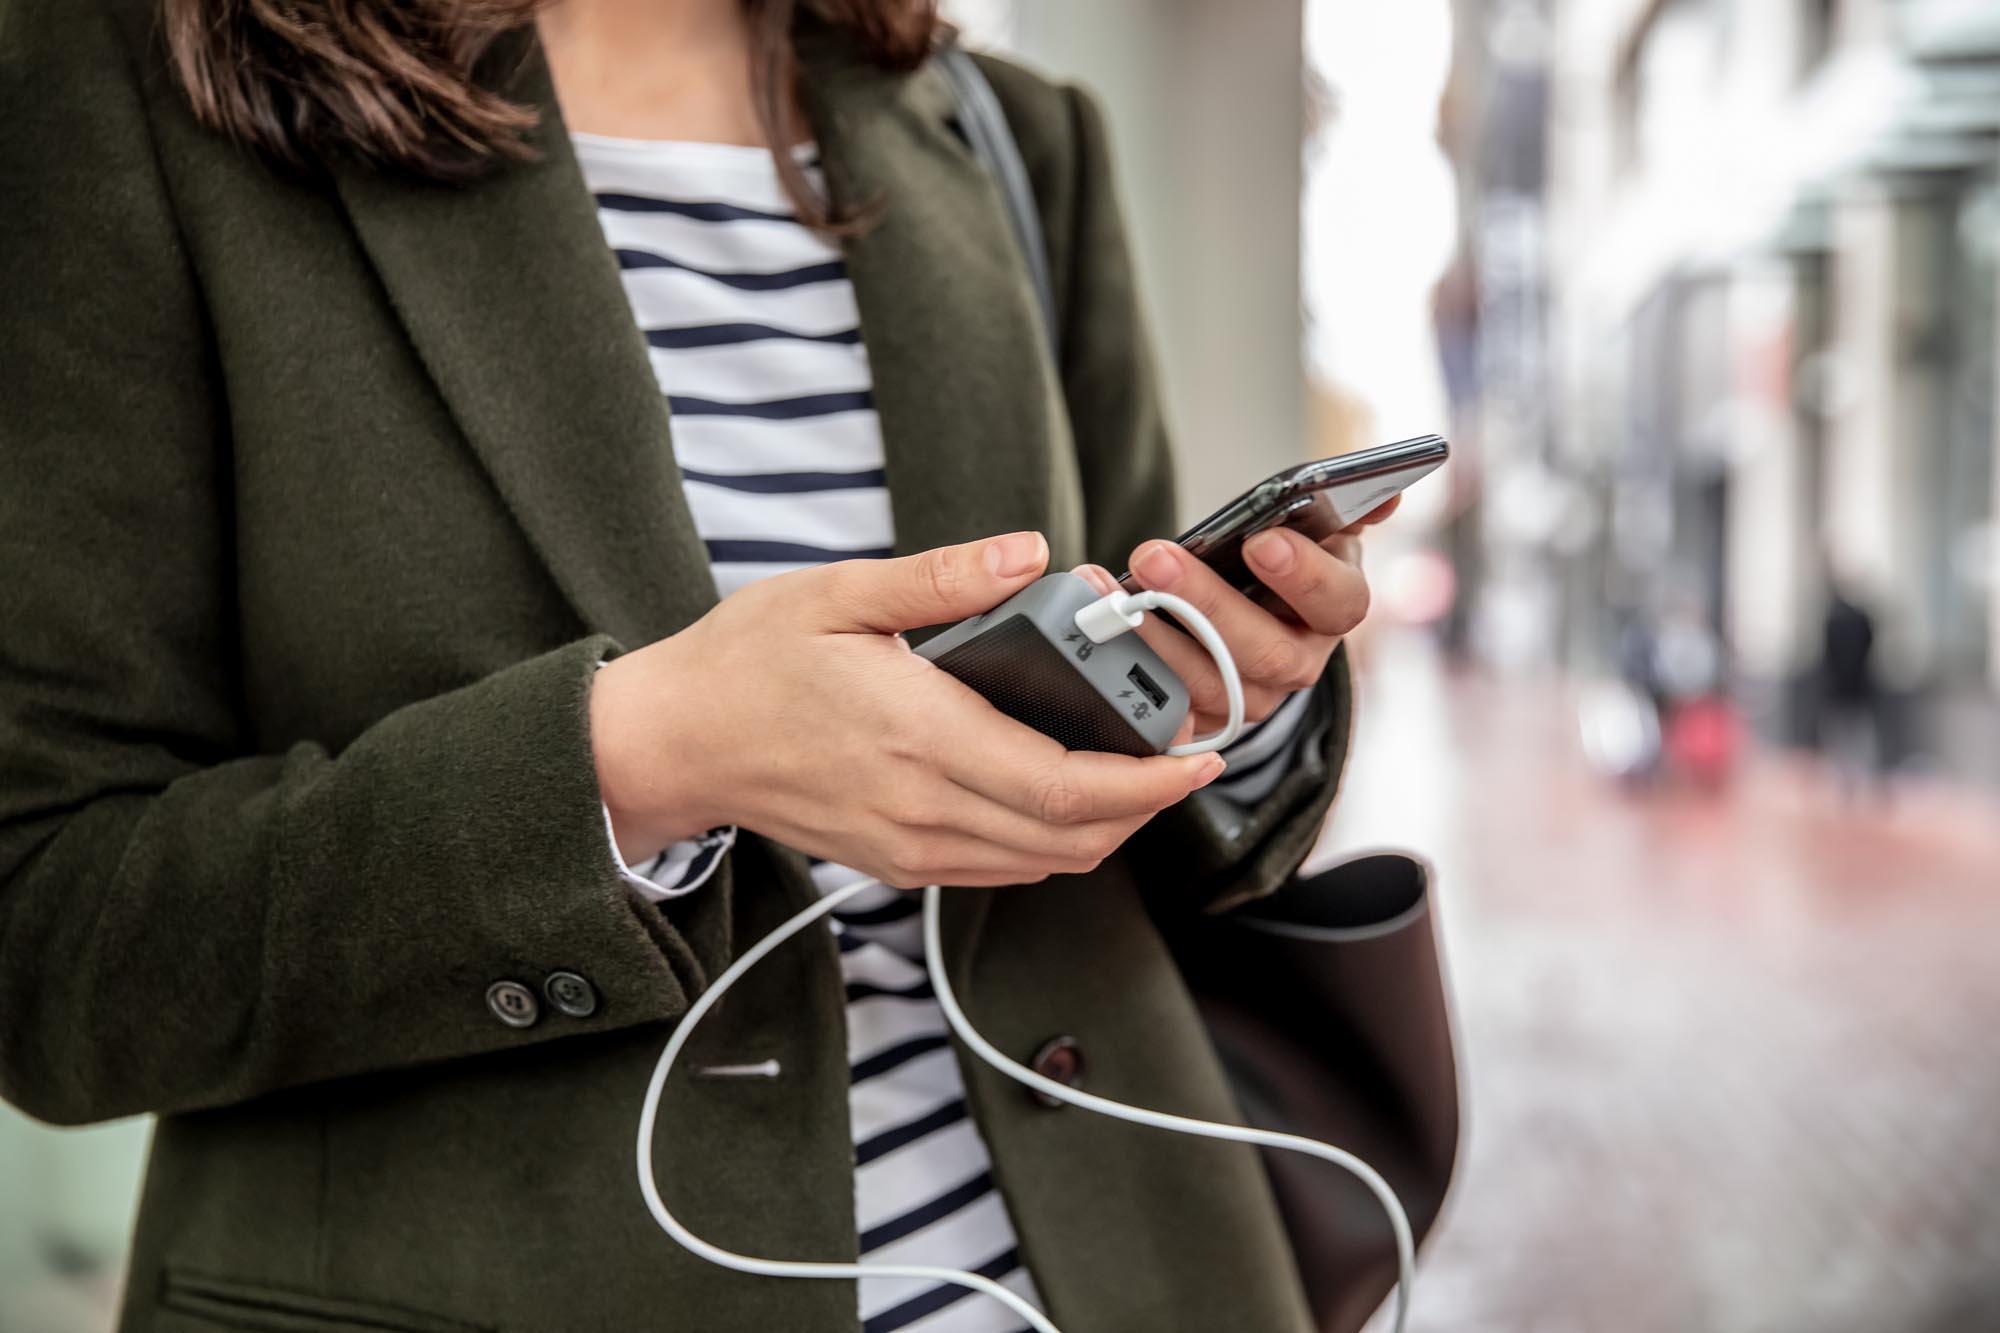 mophie wprowadza uniwersalne powerstation PD oraz PD XL, które zapewniają najszybsze ładowanie smartfonów